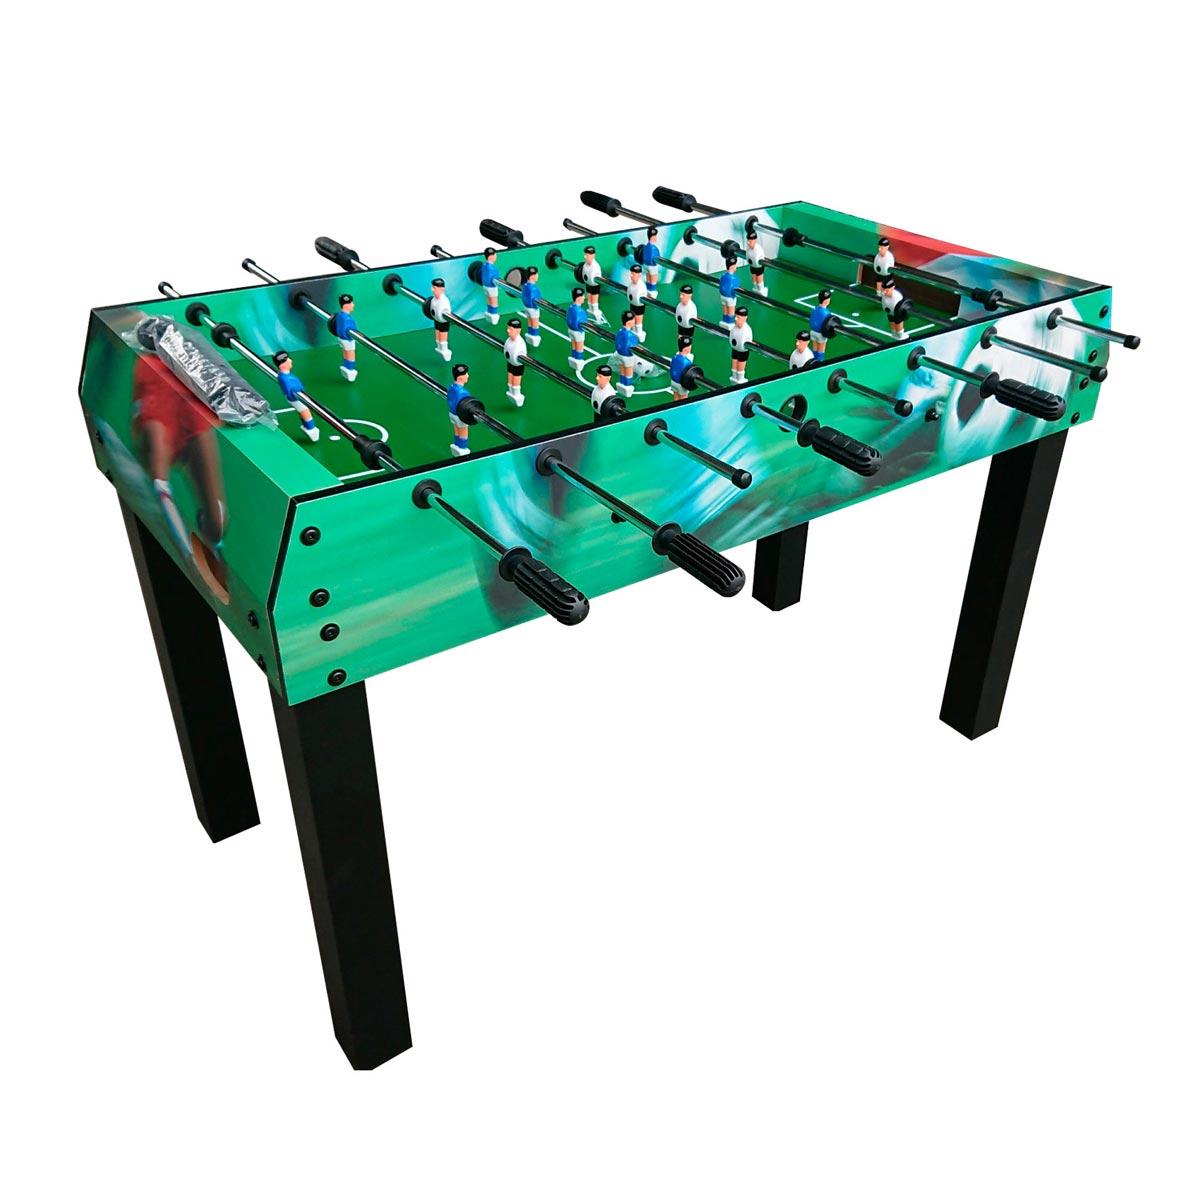 Фото - DFC Игровой стол - футбол DFC SEVILLA II цветн. борт настольный футбол dfc juventus hm st 55601